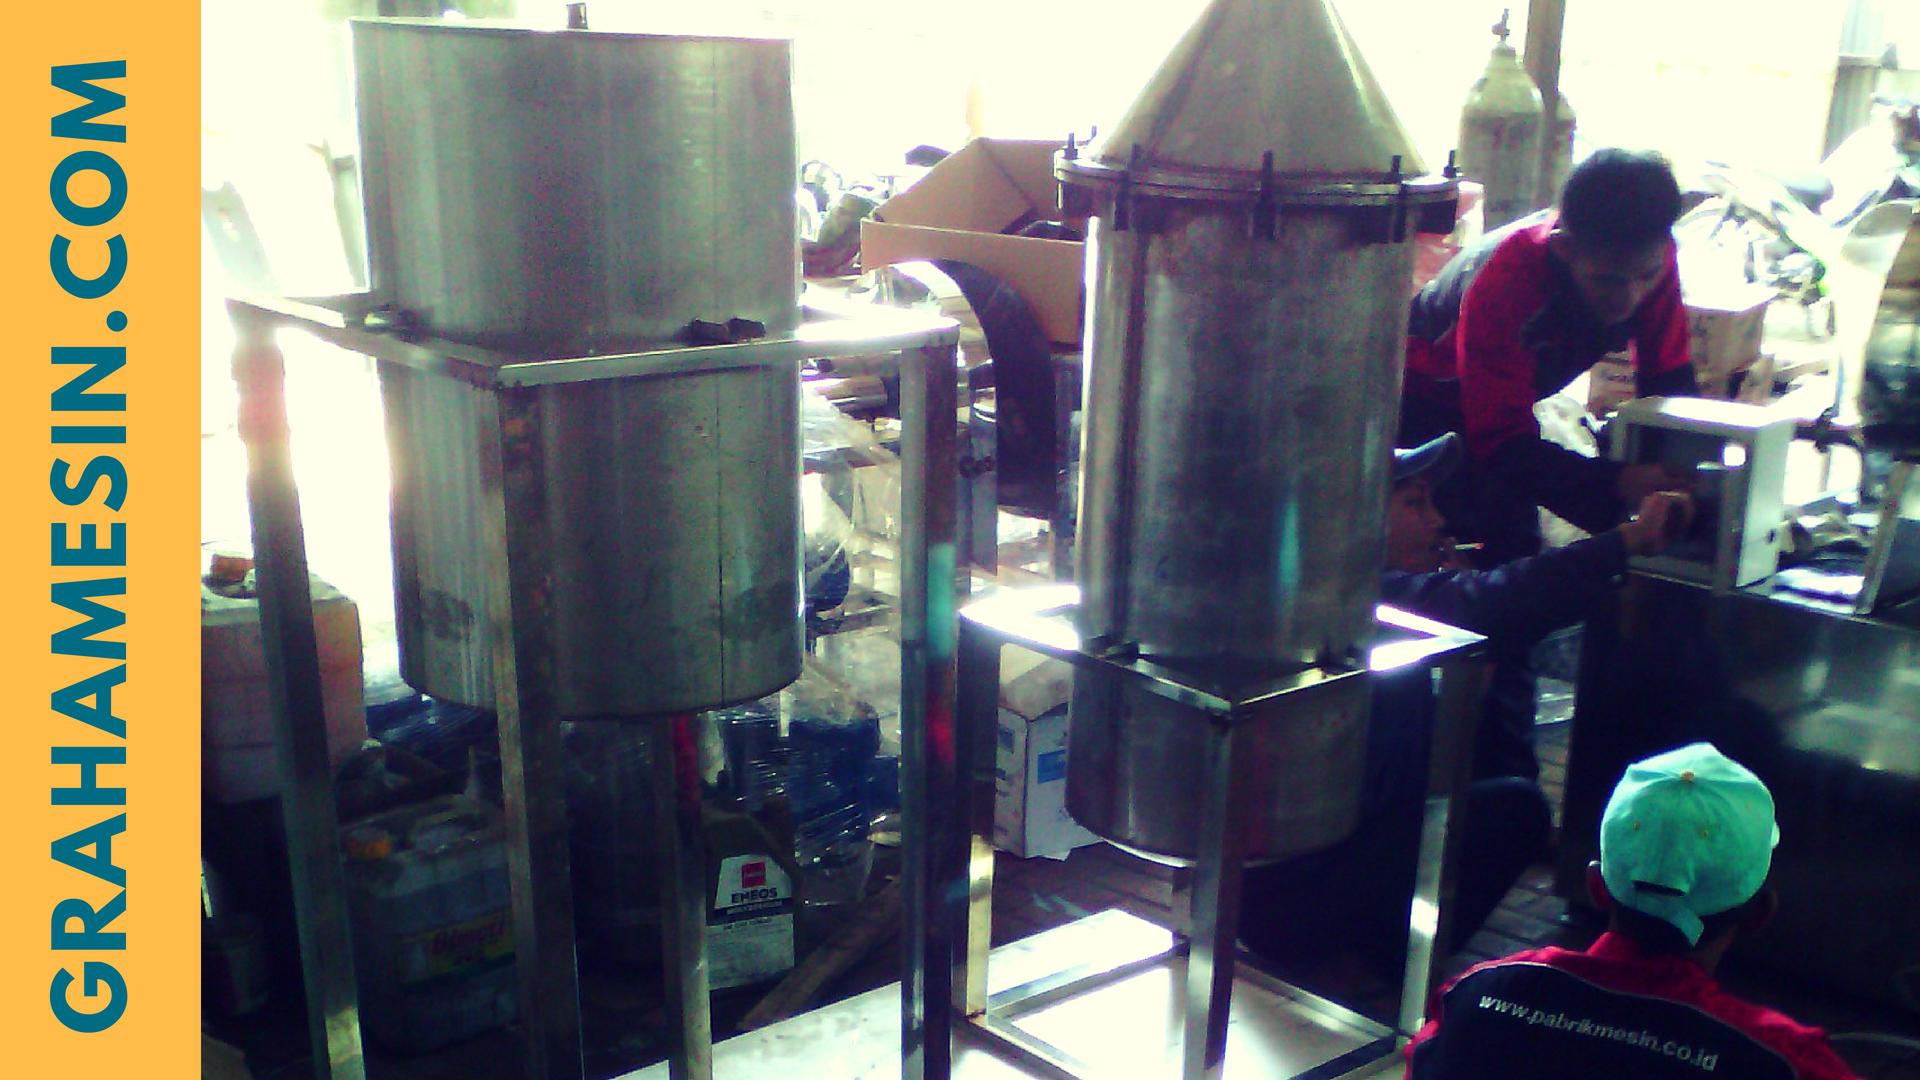 mesin destilasi minyak atsiri sistem kukus 2